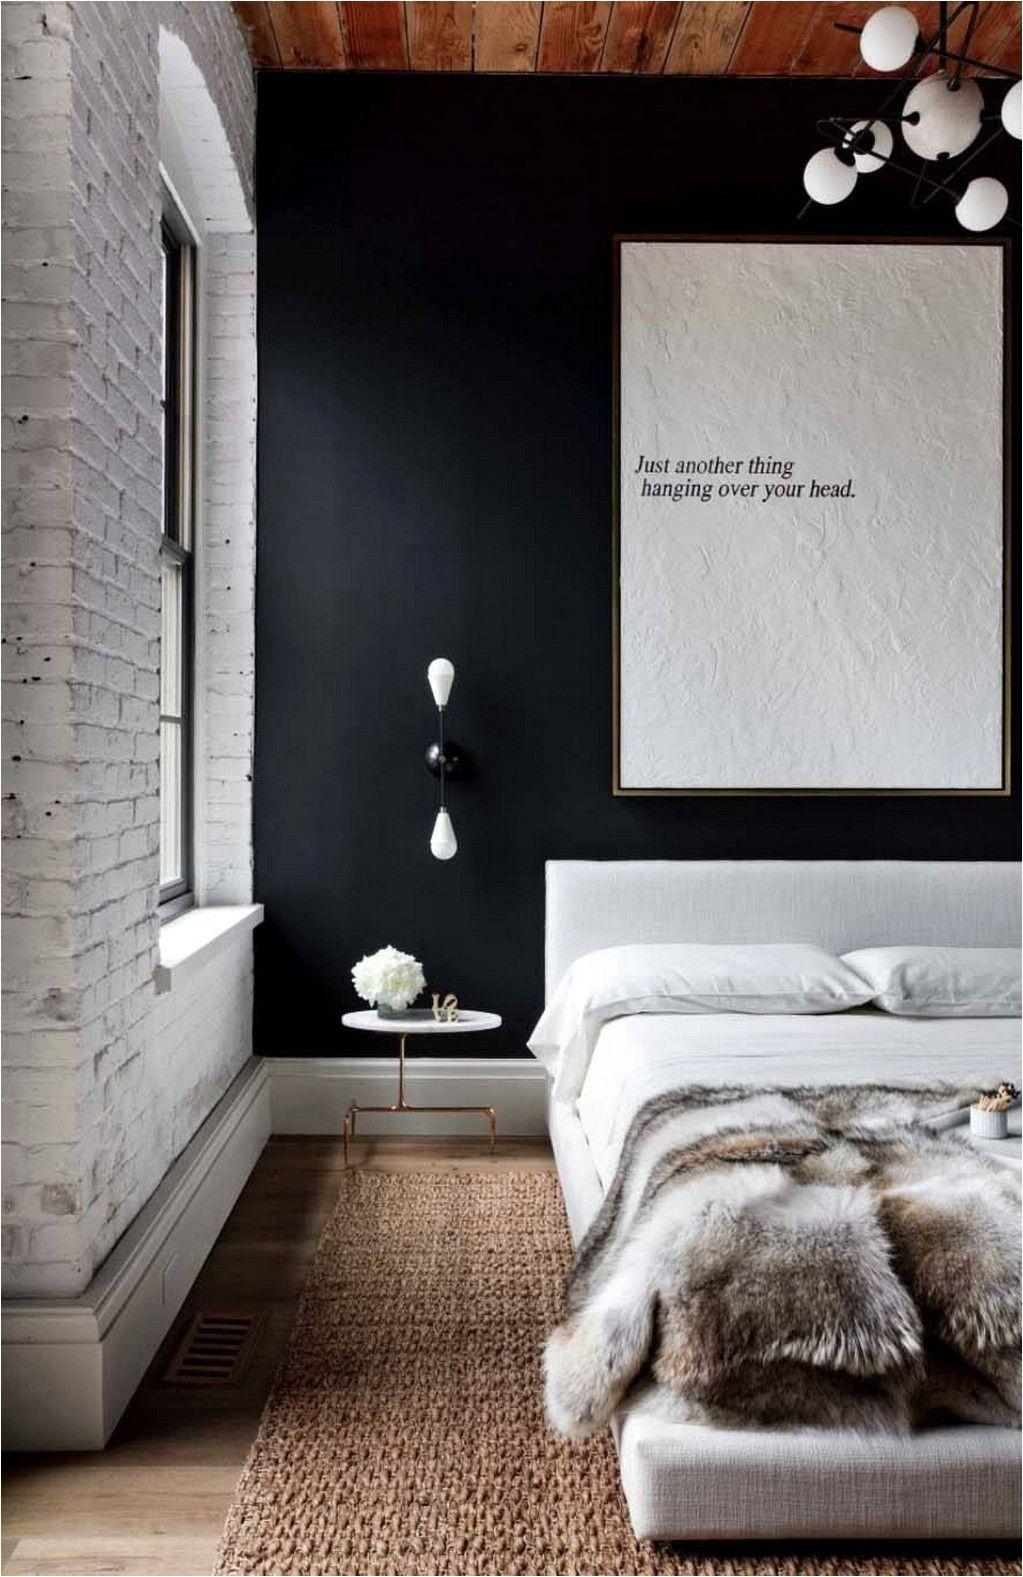 Pin von Pia auf Räume Schlafzimmer design, Wohnen